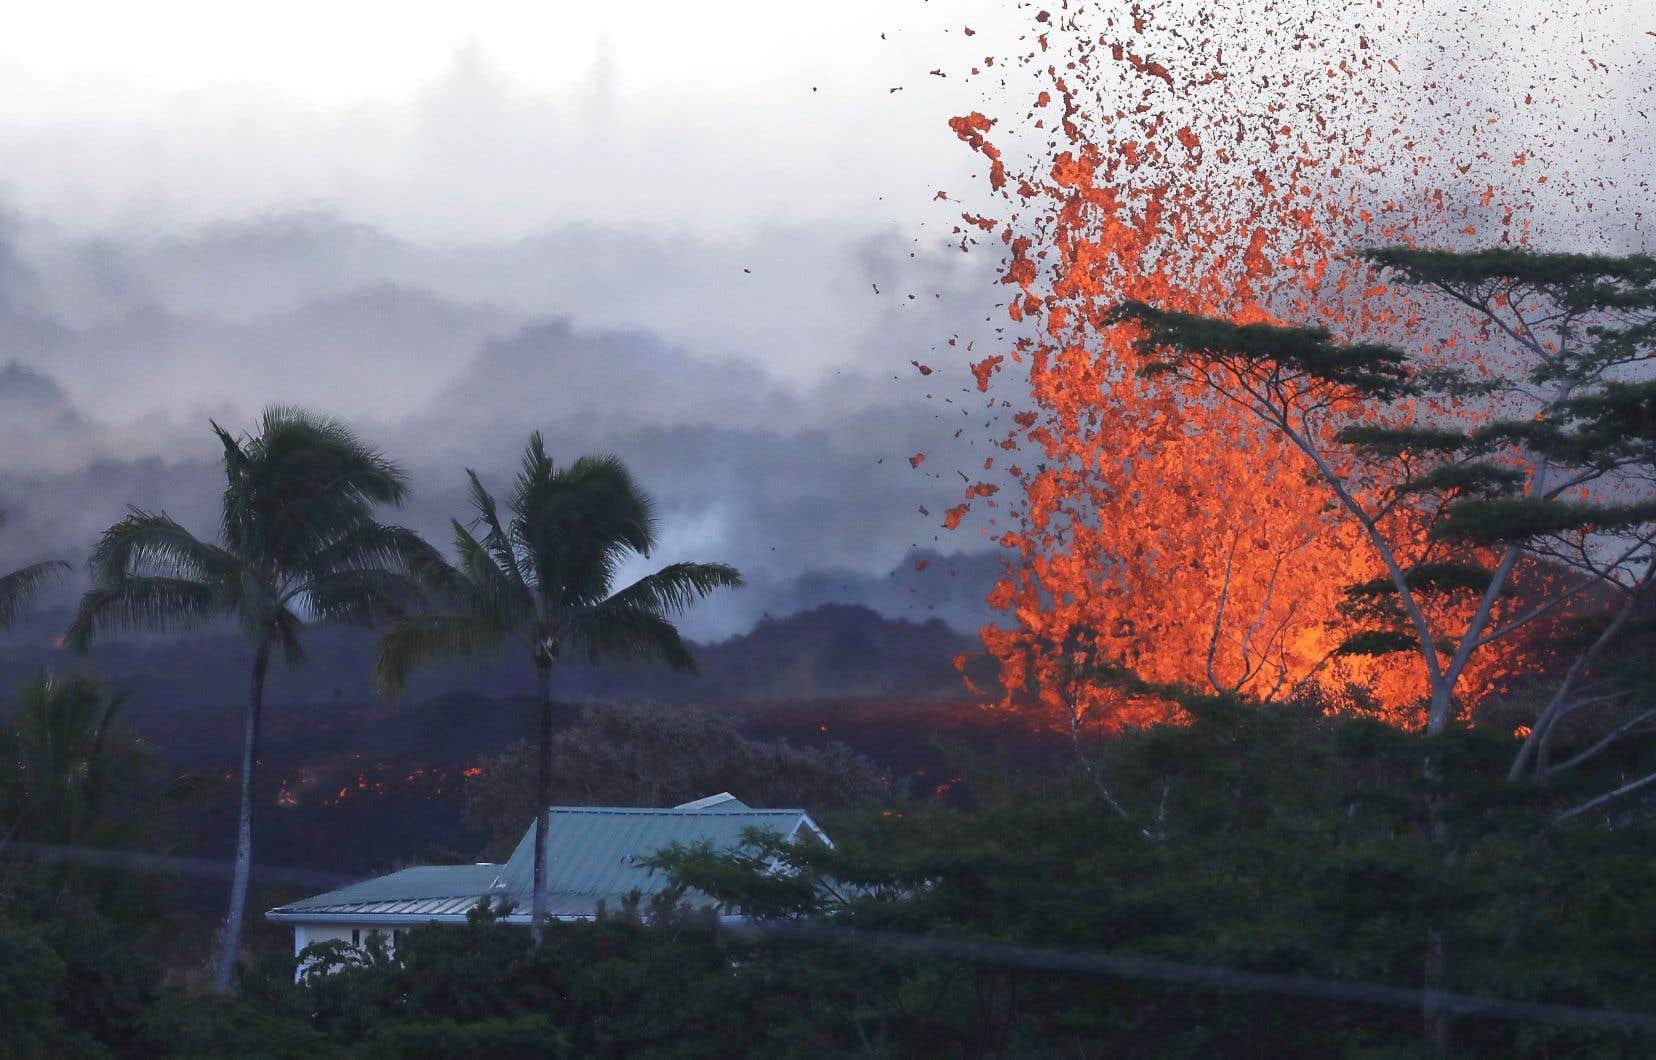 <p>L'éruption du volcan Kilauea, l'un des plus actifs au monde, a entraîné l'évacuation de 2 000 personnes jusqu'à présent.</p>